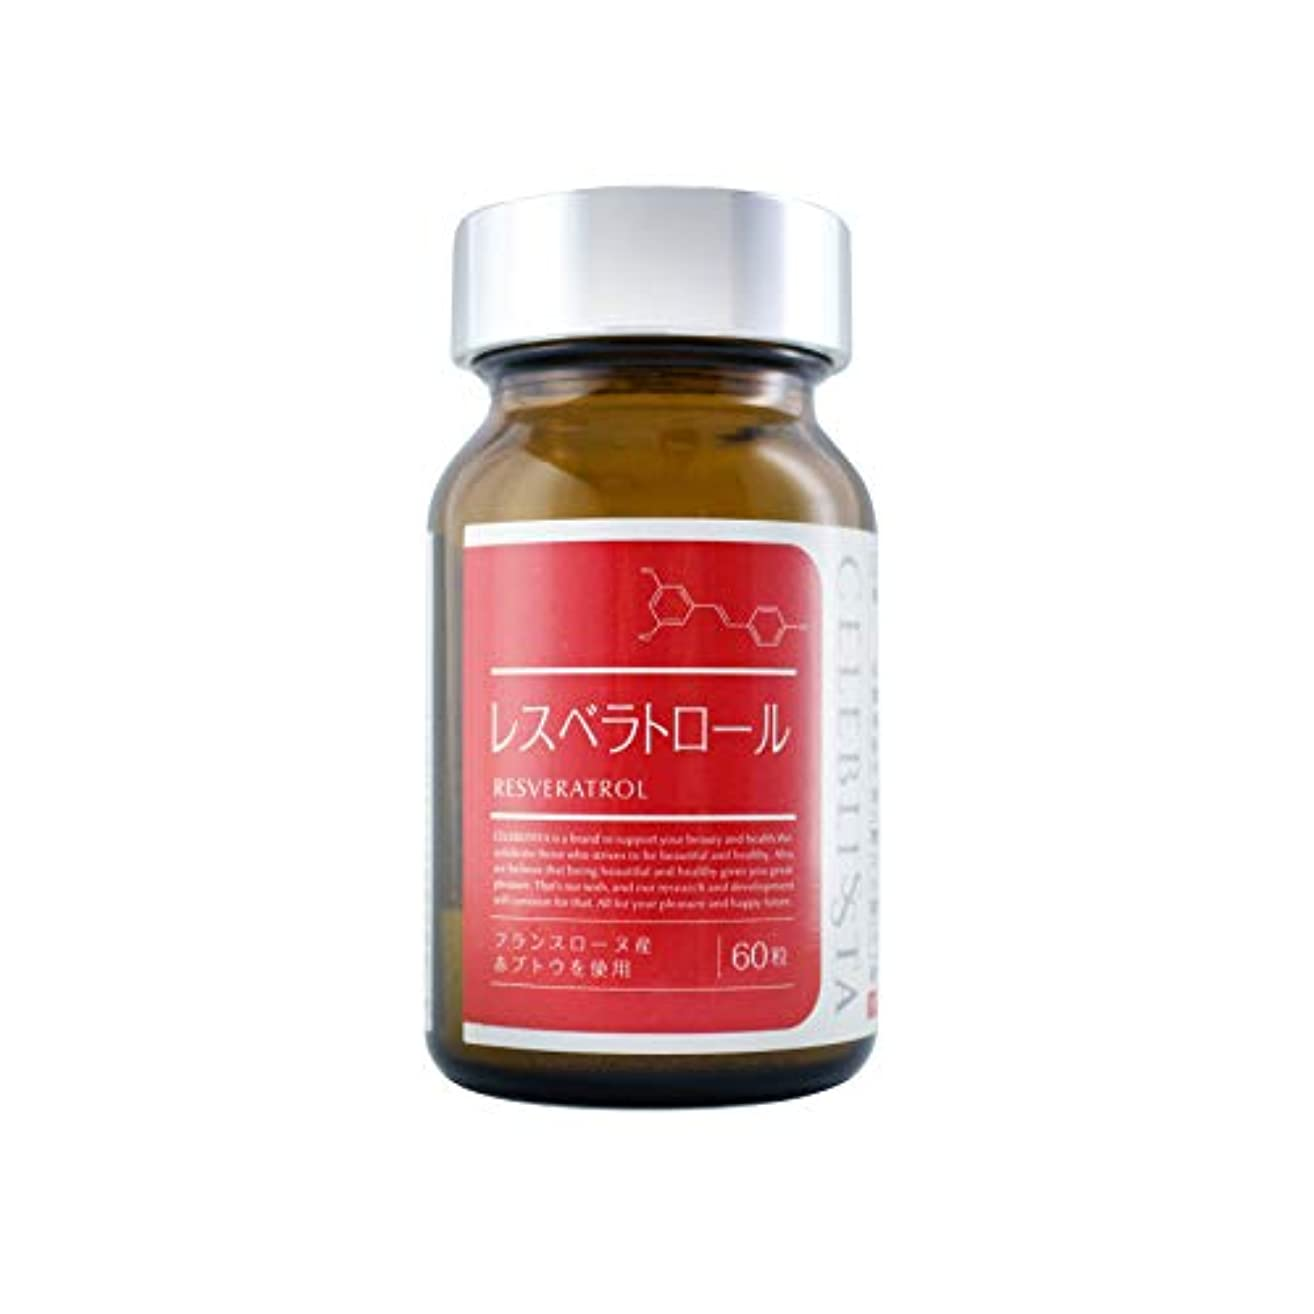 皮母報復CELEBLISSTA ( セレブリスタ ) レスベラトロール ( 基礎サプリ トランスレスベラトロール / 30日分 60粒 ) 赤ワインエキス配合 サプリメント ( 日本製 )